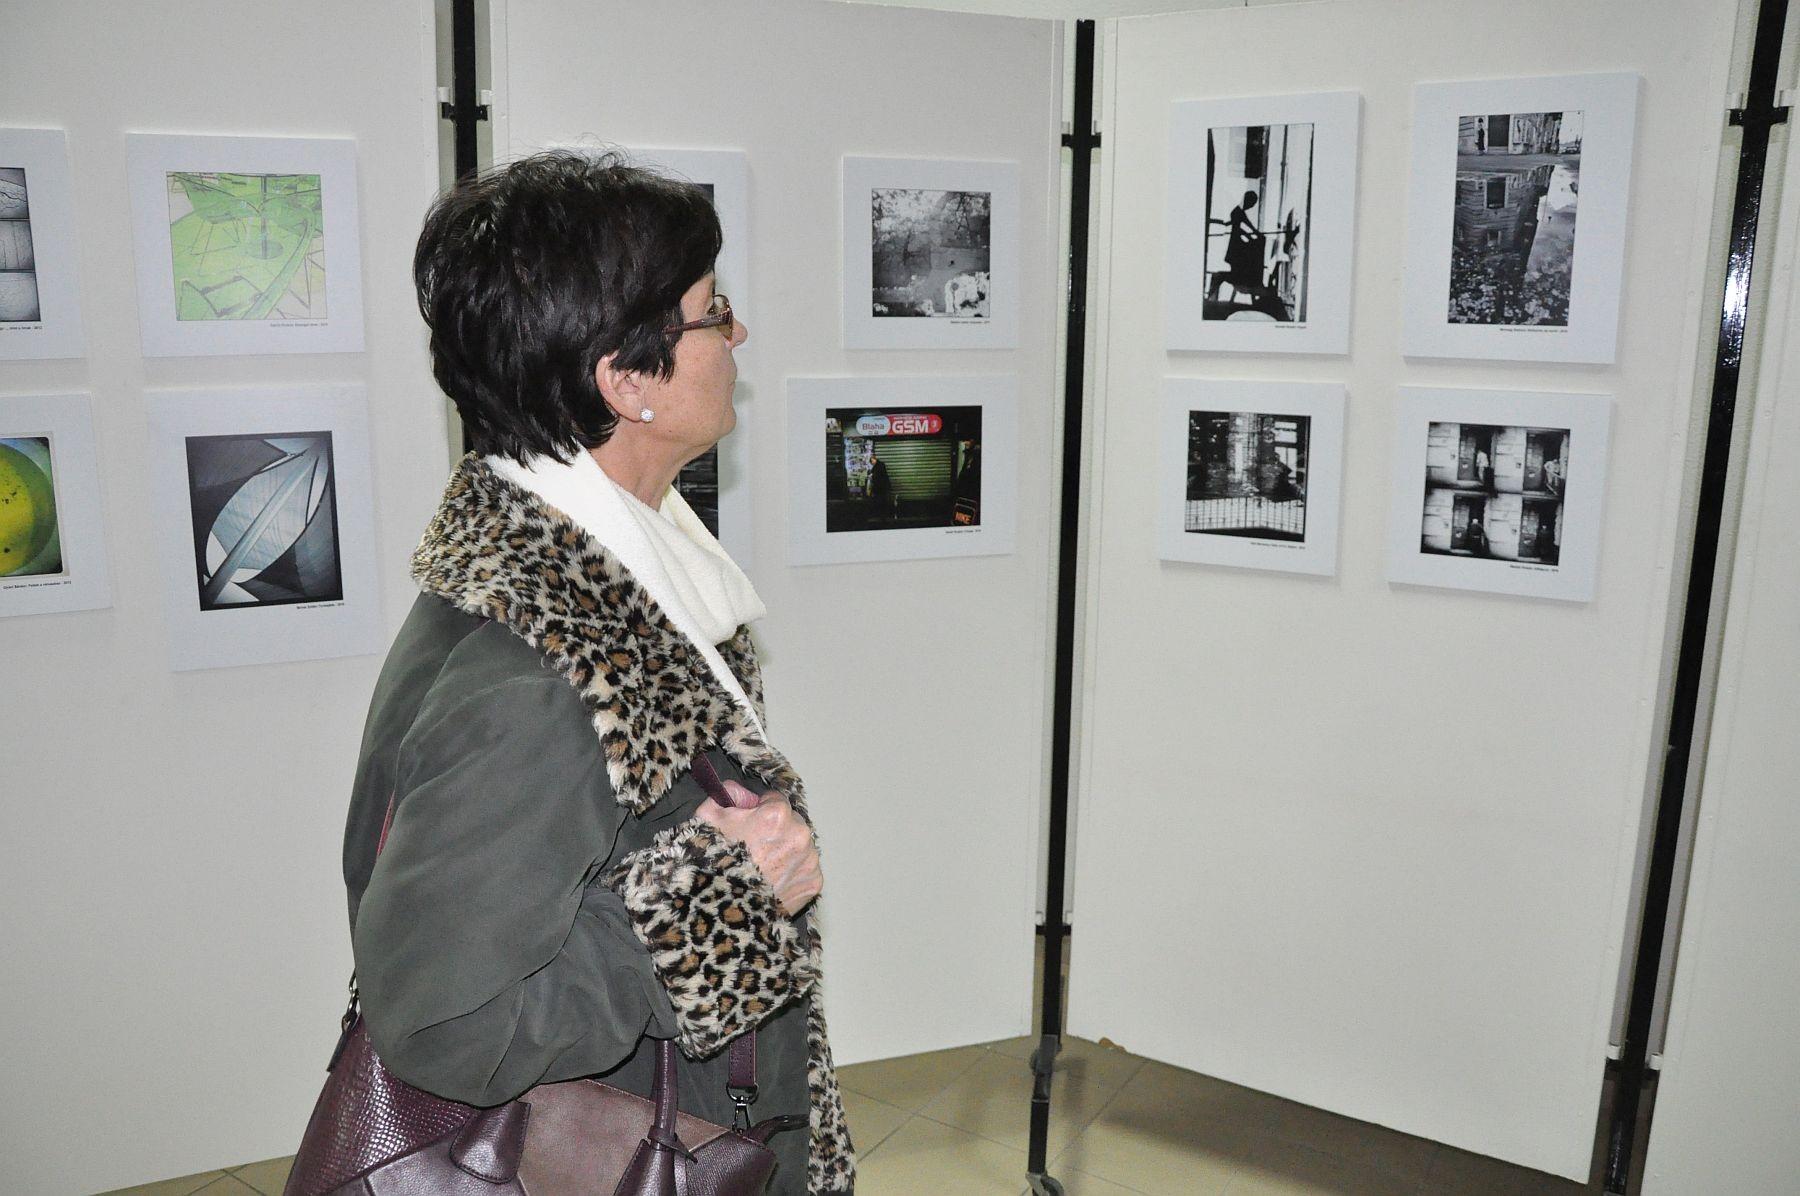 Mobillal másképp - megnyílt a MobilArt alkotócsoport kiállítása Fehérváron